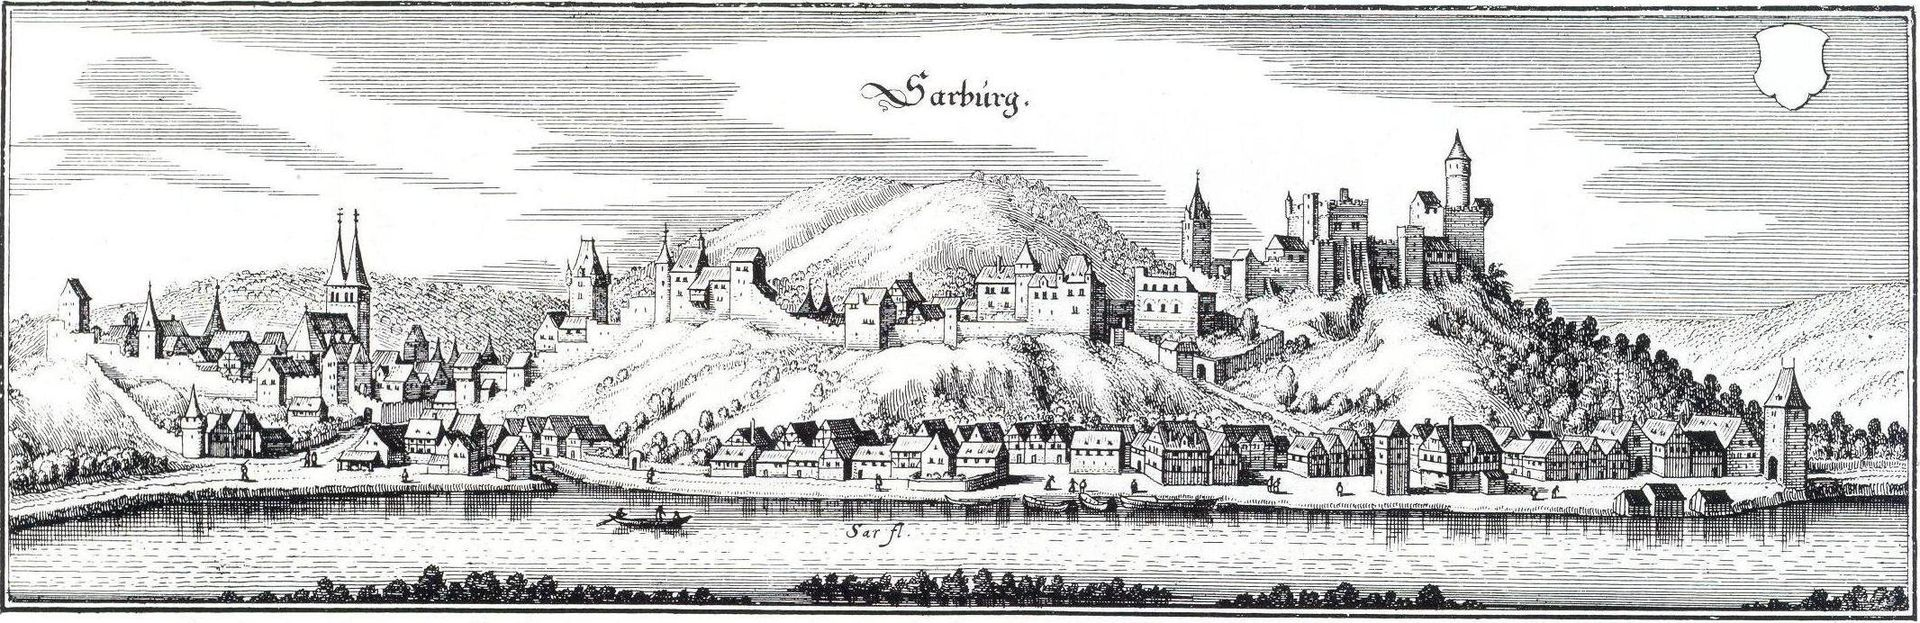 Saarburg merian.jpeg